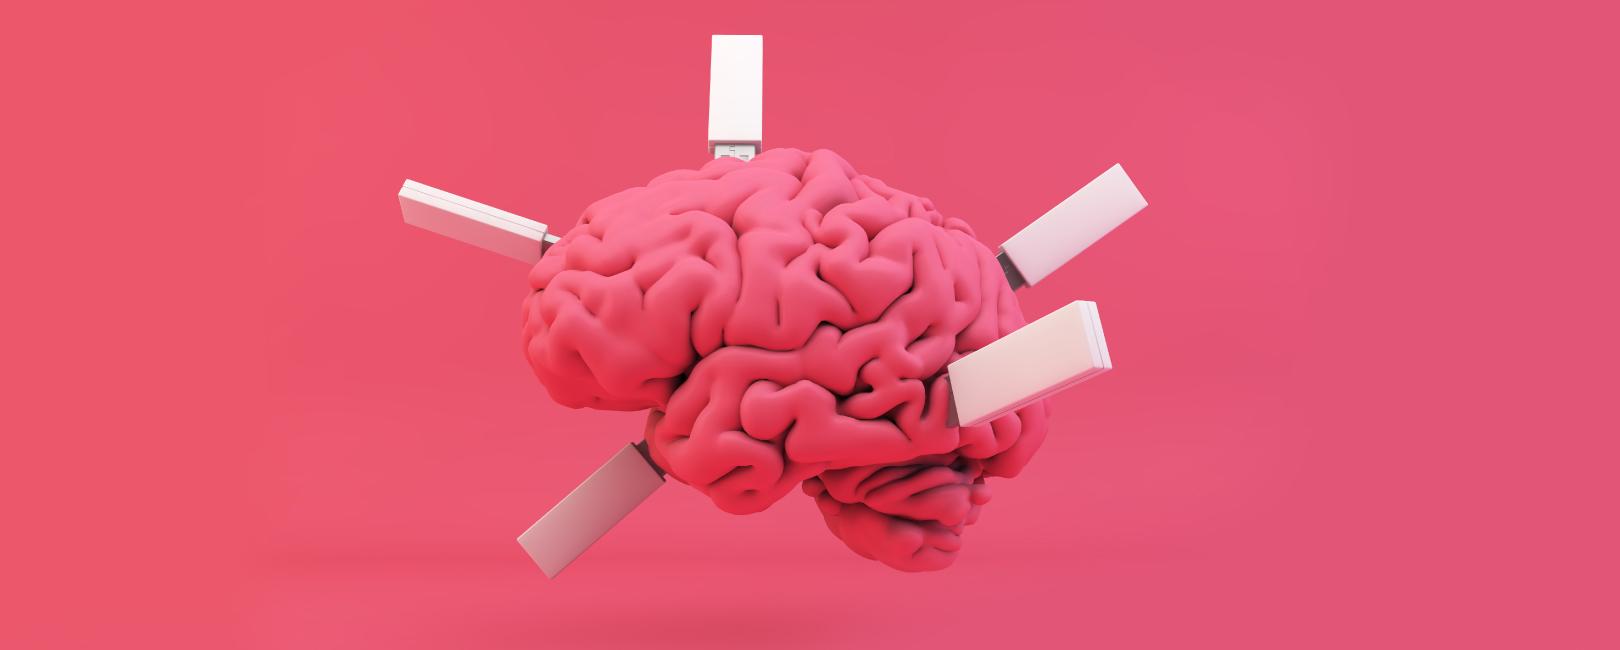 ¿Qué significa ser inteligente? La teoría de las inteligencias múltiples de Gadner-Podcast